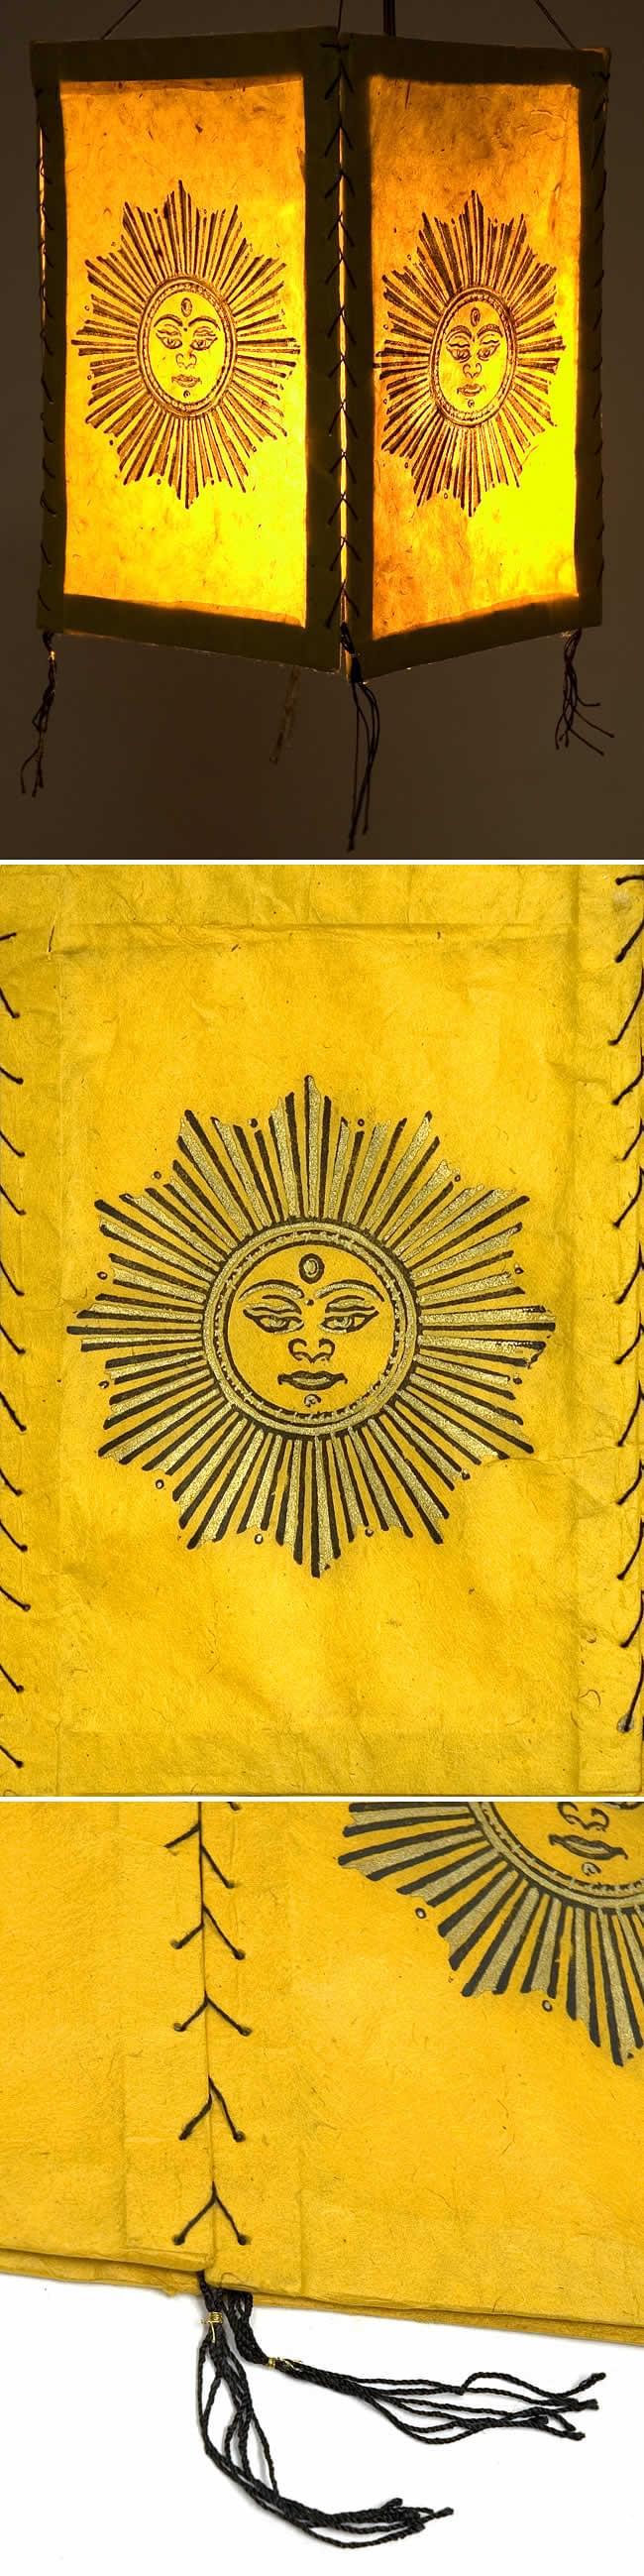 ロクタ紙太陽柄ランプシェード(4面タイプ)の写真1